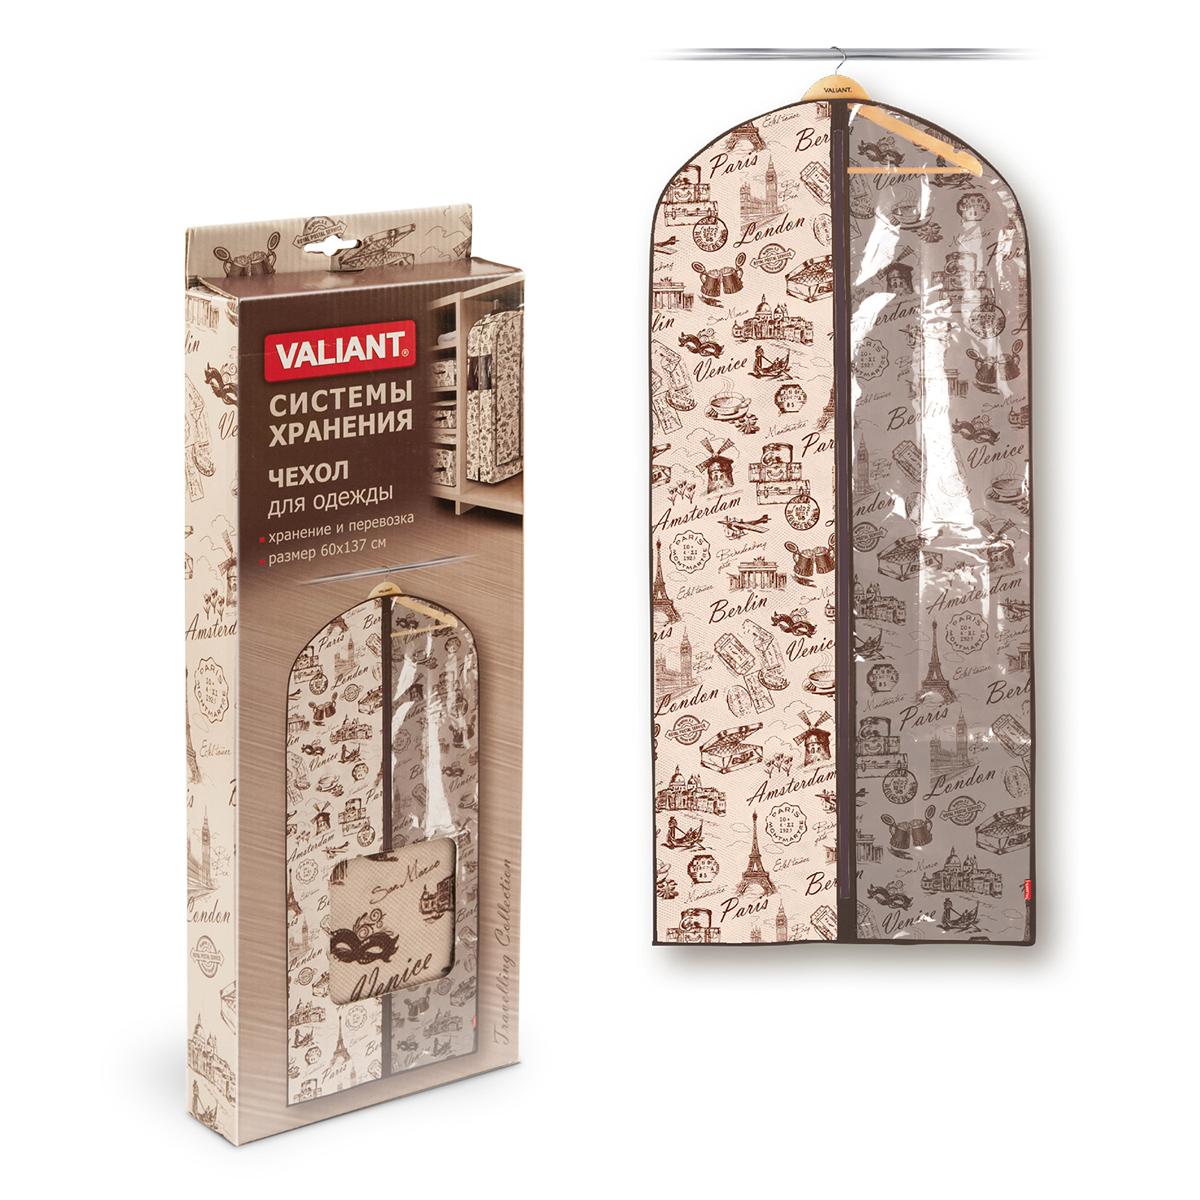 Чехол для одежды Valiant Travelling, 60 см х 137 см8812Чехол для одежды Valiant Travelling изготовлен из высококачественного нетканого материала (спанбонда), который обеспечивает естественную вентиляцию, позволяя воздуху проникать внутрь, но не пропускает пыль. Чехол очень удобен в использовании. Специальная прозрачная вставка позволяет видеть содержимое внутри чехла, не открывая его. Чехол легко открывается и закрывается застежкой-молнией. Идеально подойдет для транспортировки и хранения одежды. Оригинальный дизайн погружает в атмосферу путешествий по разным городам и странам.Системы хранения в едином дизайне сделают вашу гардеробную красивой и невероятно стильной.